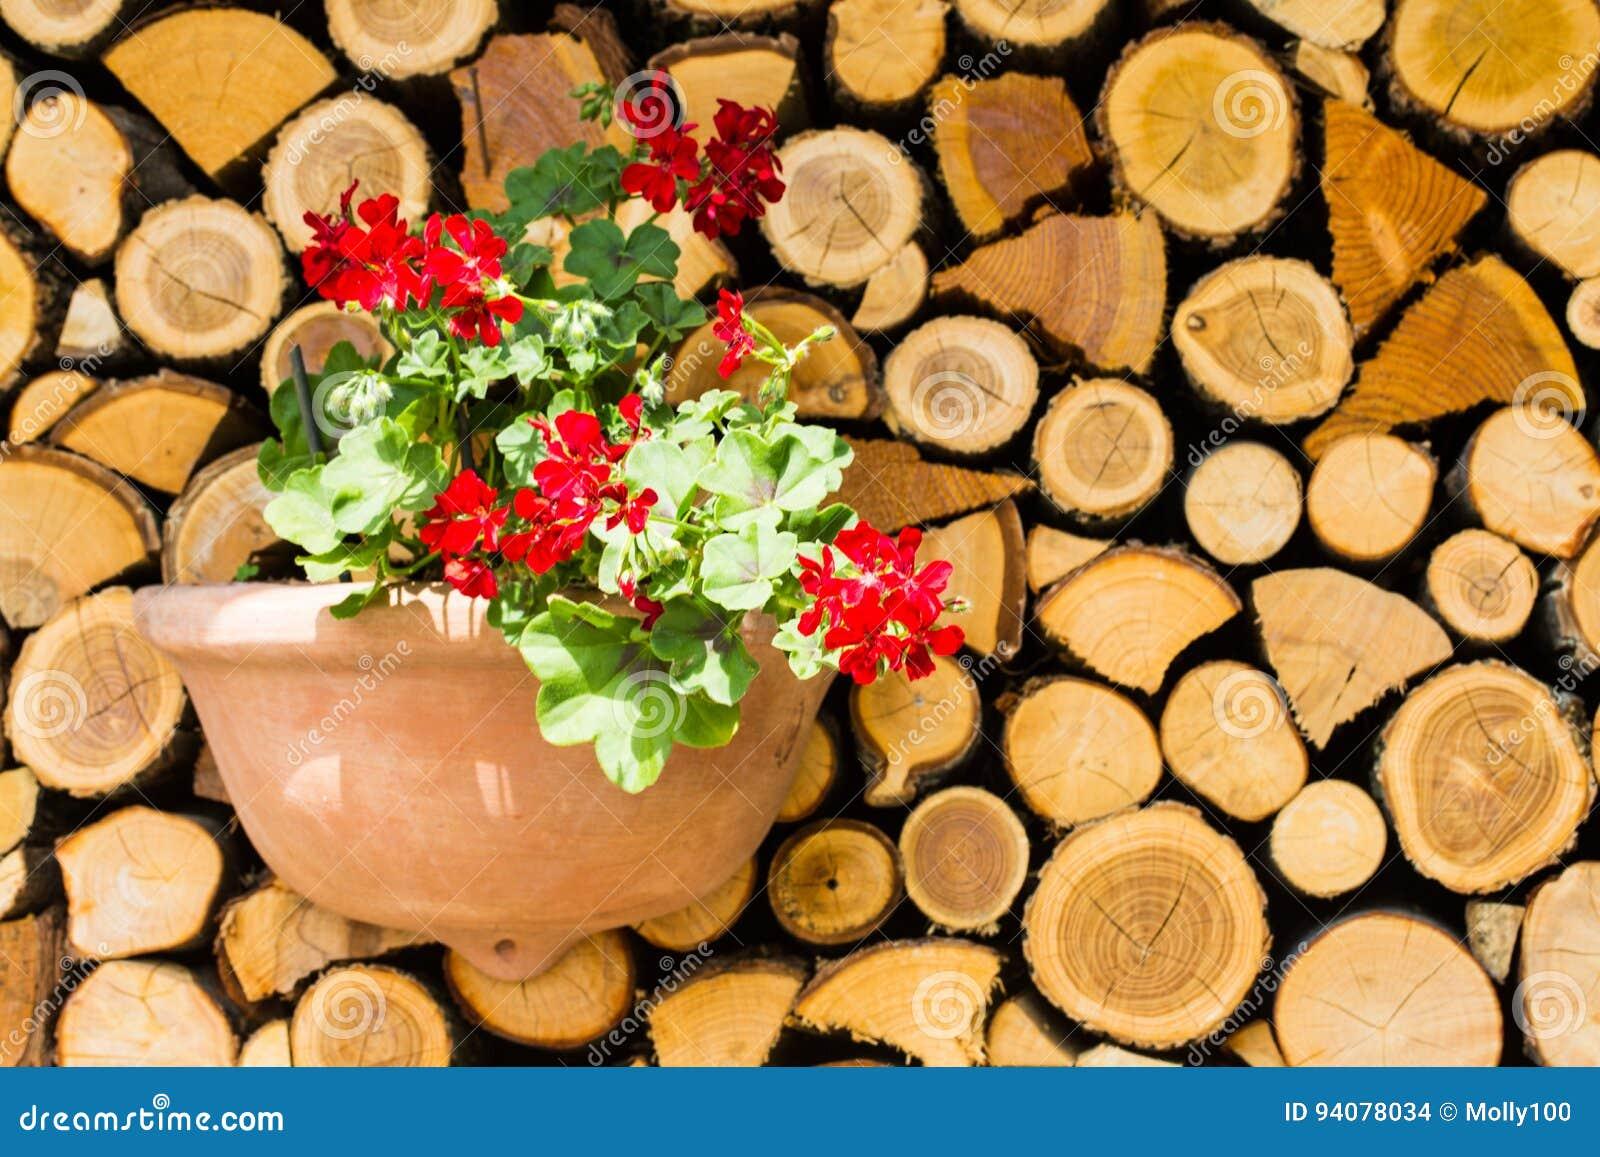 Houten raad, houten stapel met bloemen, decoratie